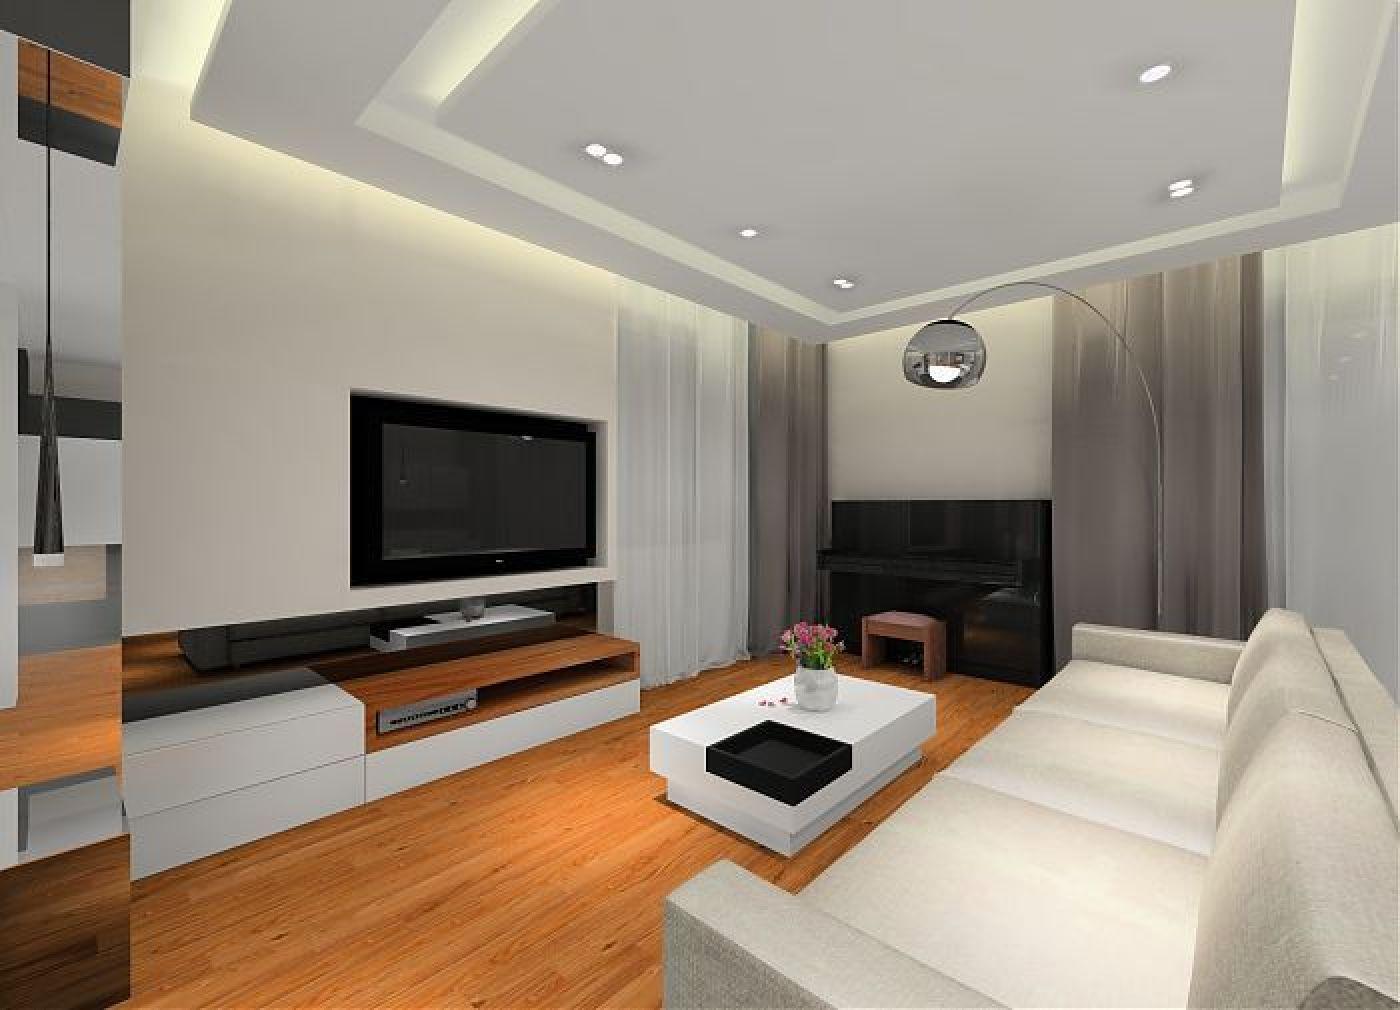 Image Result For Tv Room Design